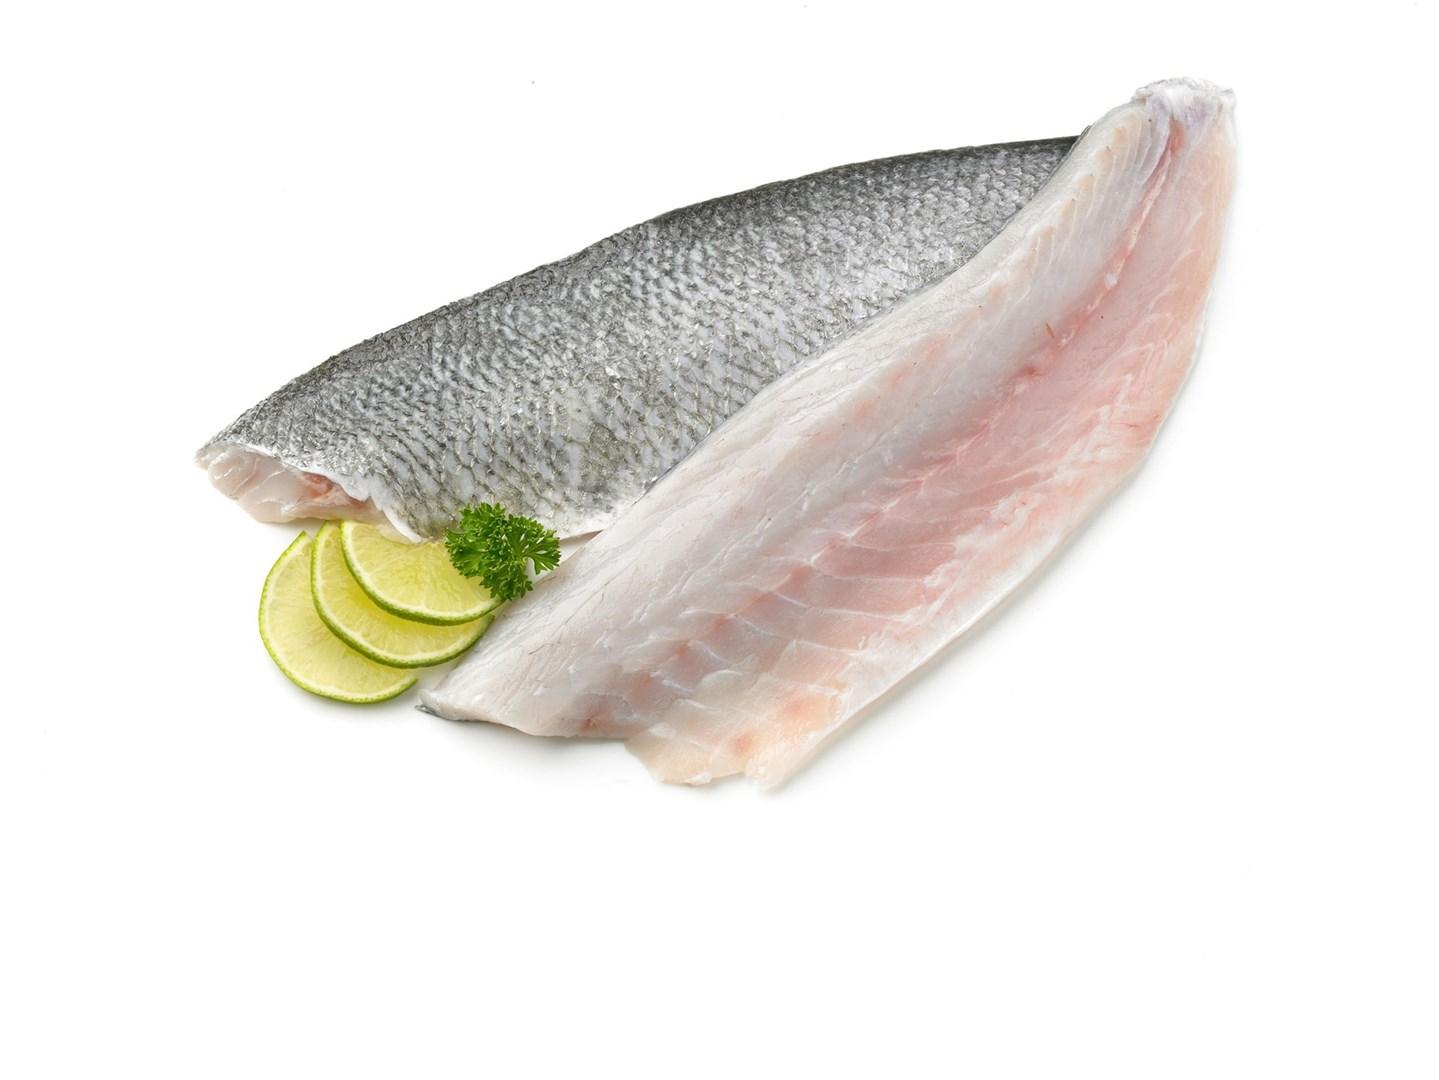 Productafbeelding Zeebaars kweek 400-600 gram, filet met vel geschubd